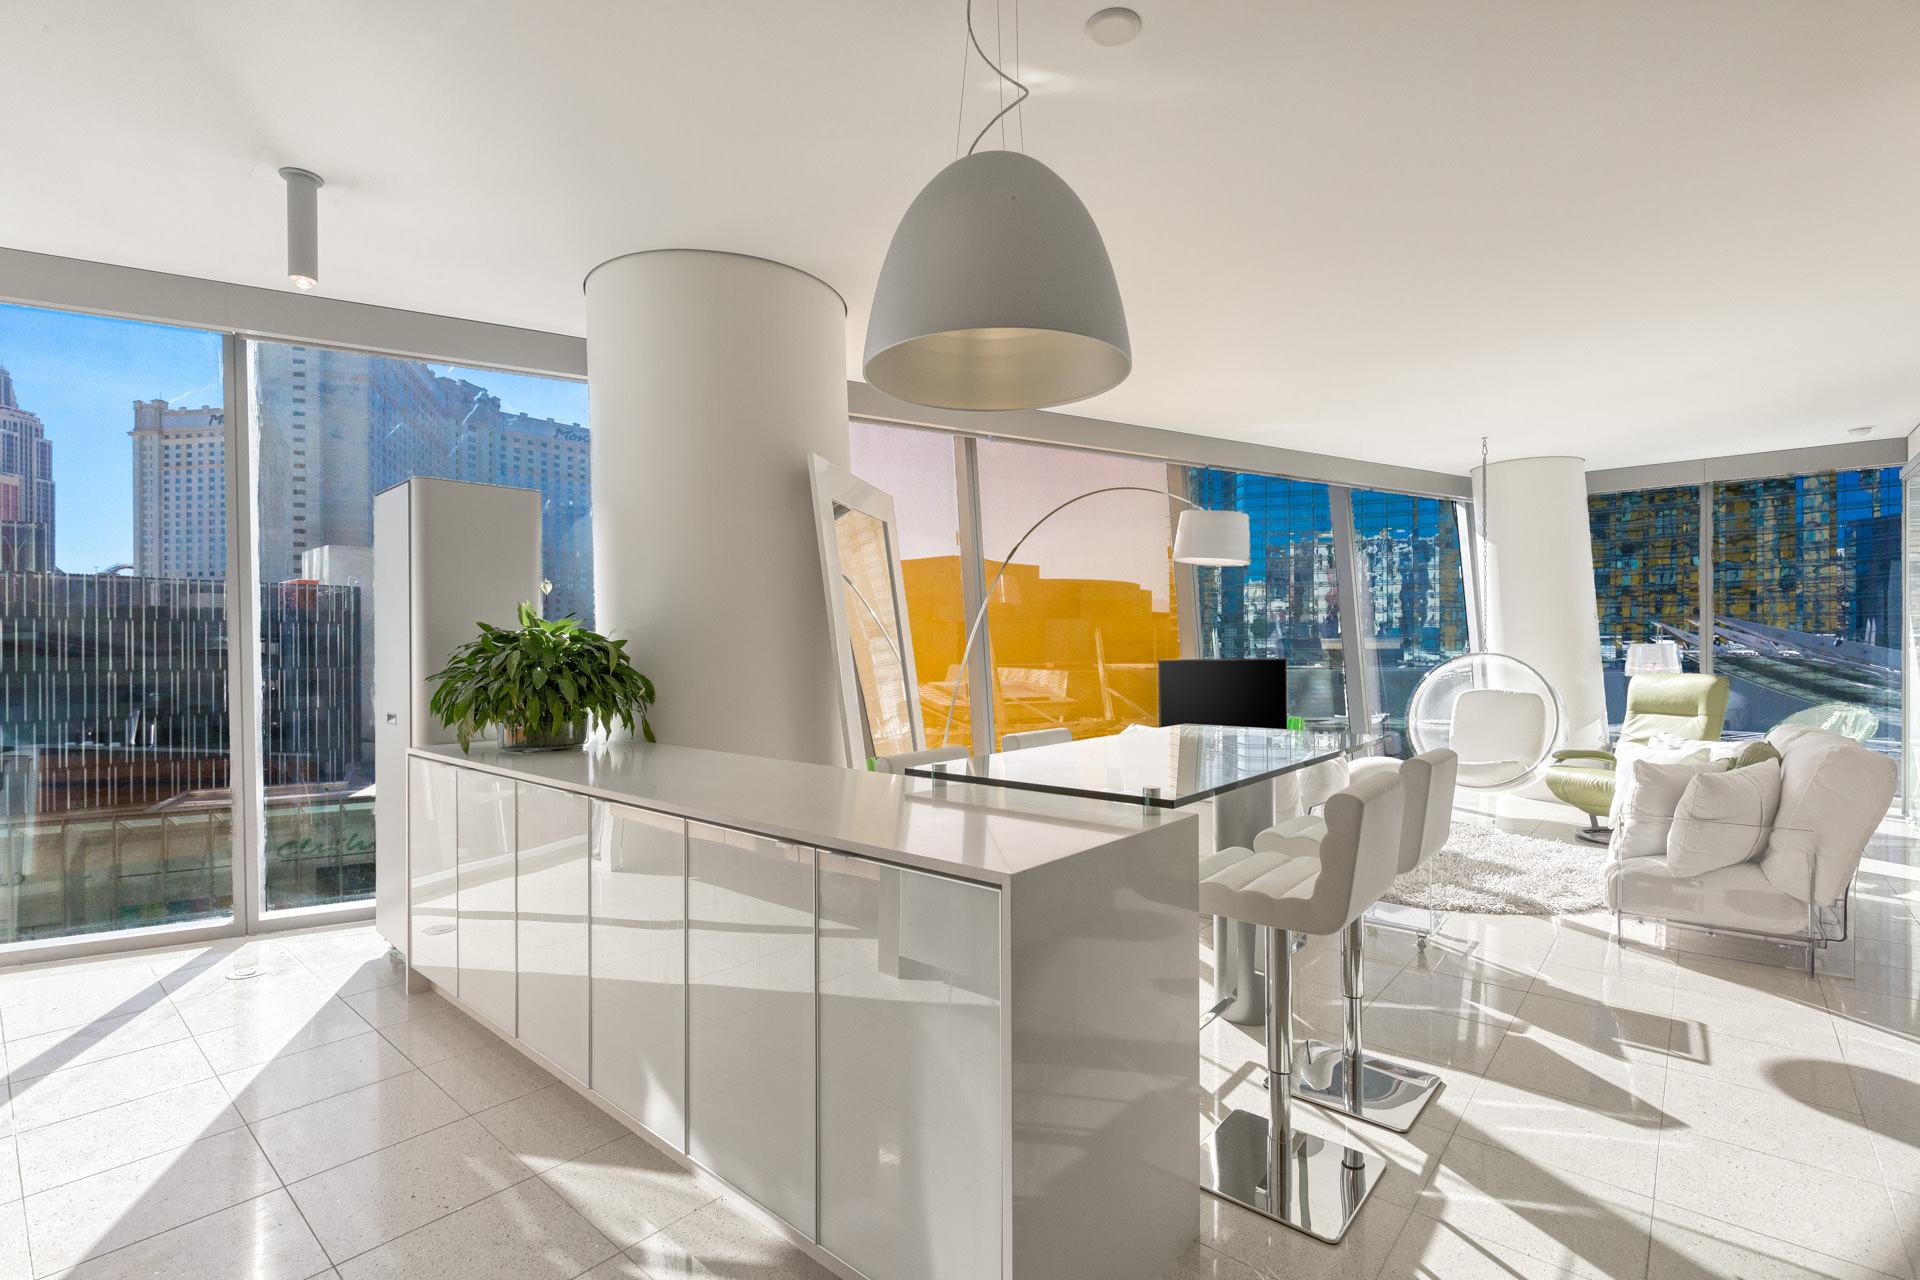 2 Bedroom Houses For Rent In Minneapolis Stunning Fine 3 Bedroom